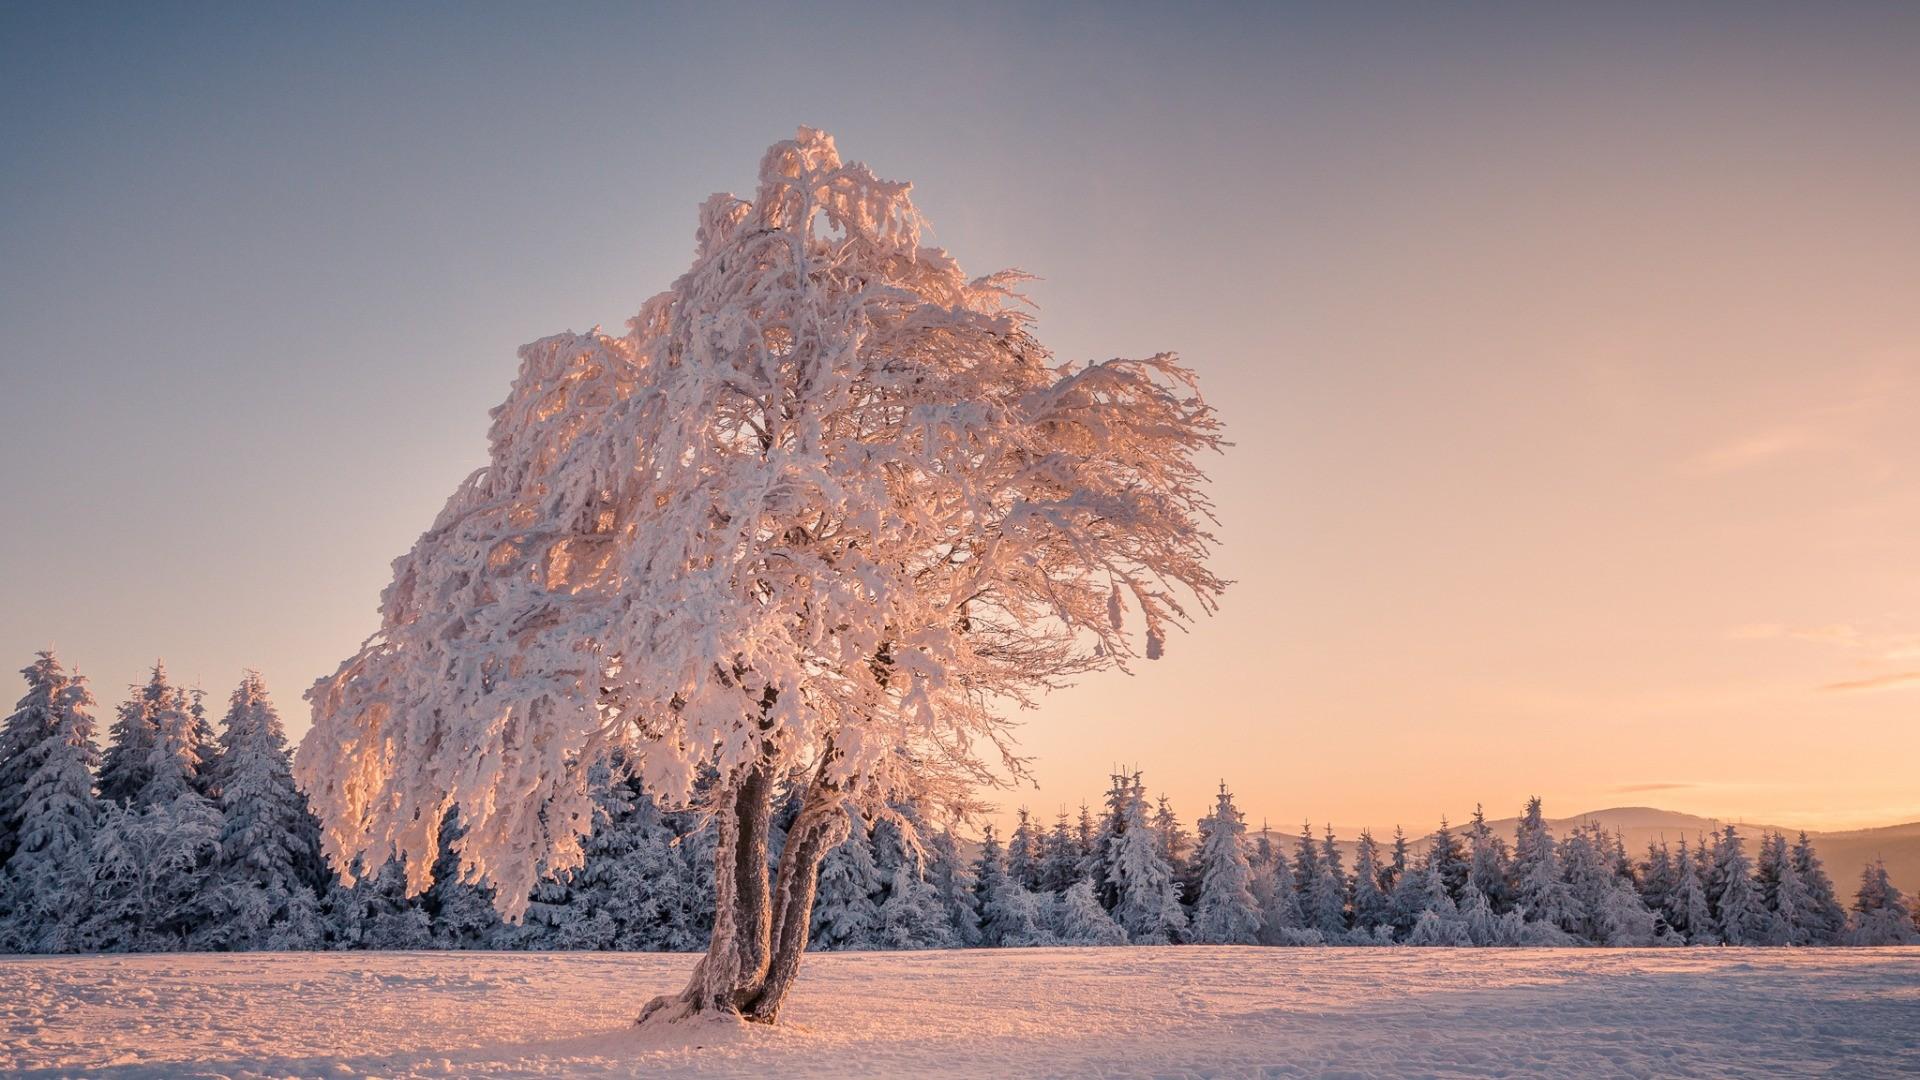 картинки заснеженного леса деревья в инее простой вкусный